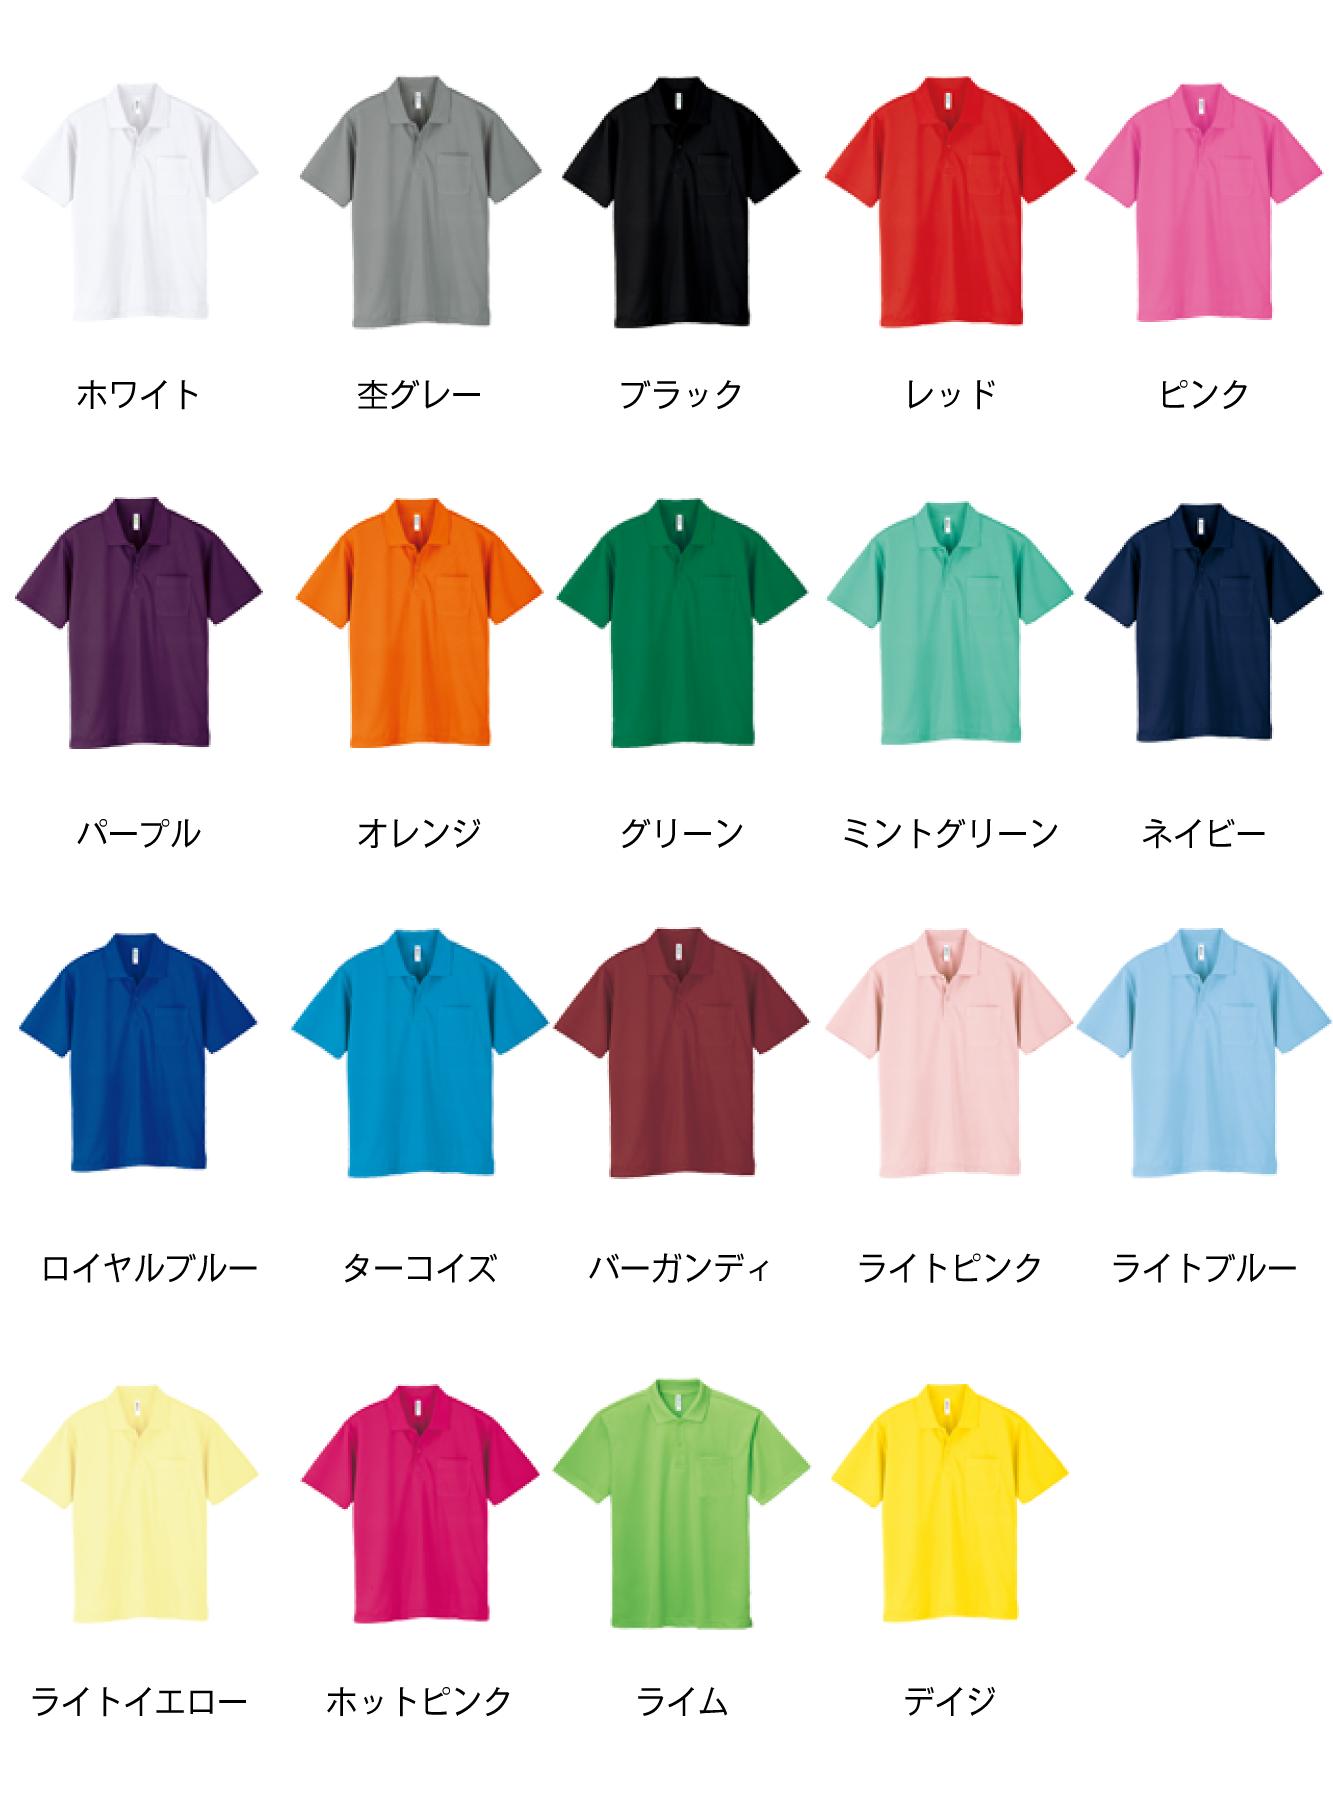 オリジナルプリント 1850円 ドライポロシャツ ポケット付き カラーバリエーション